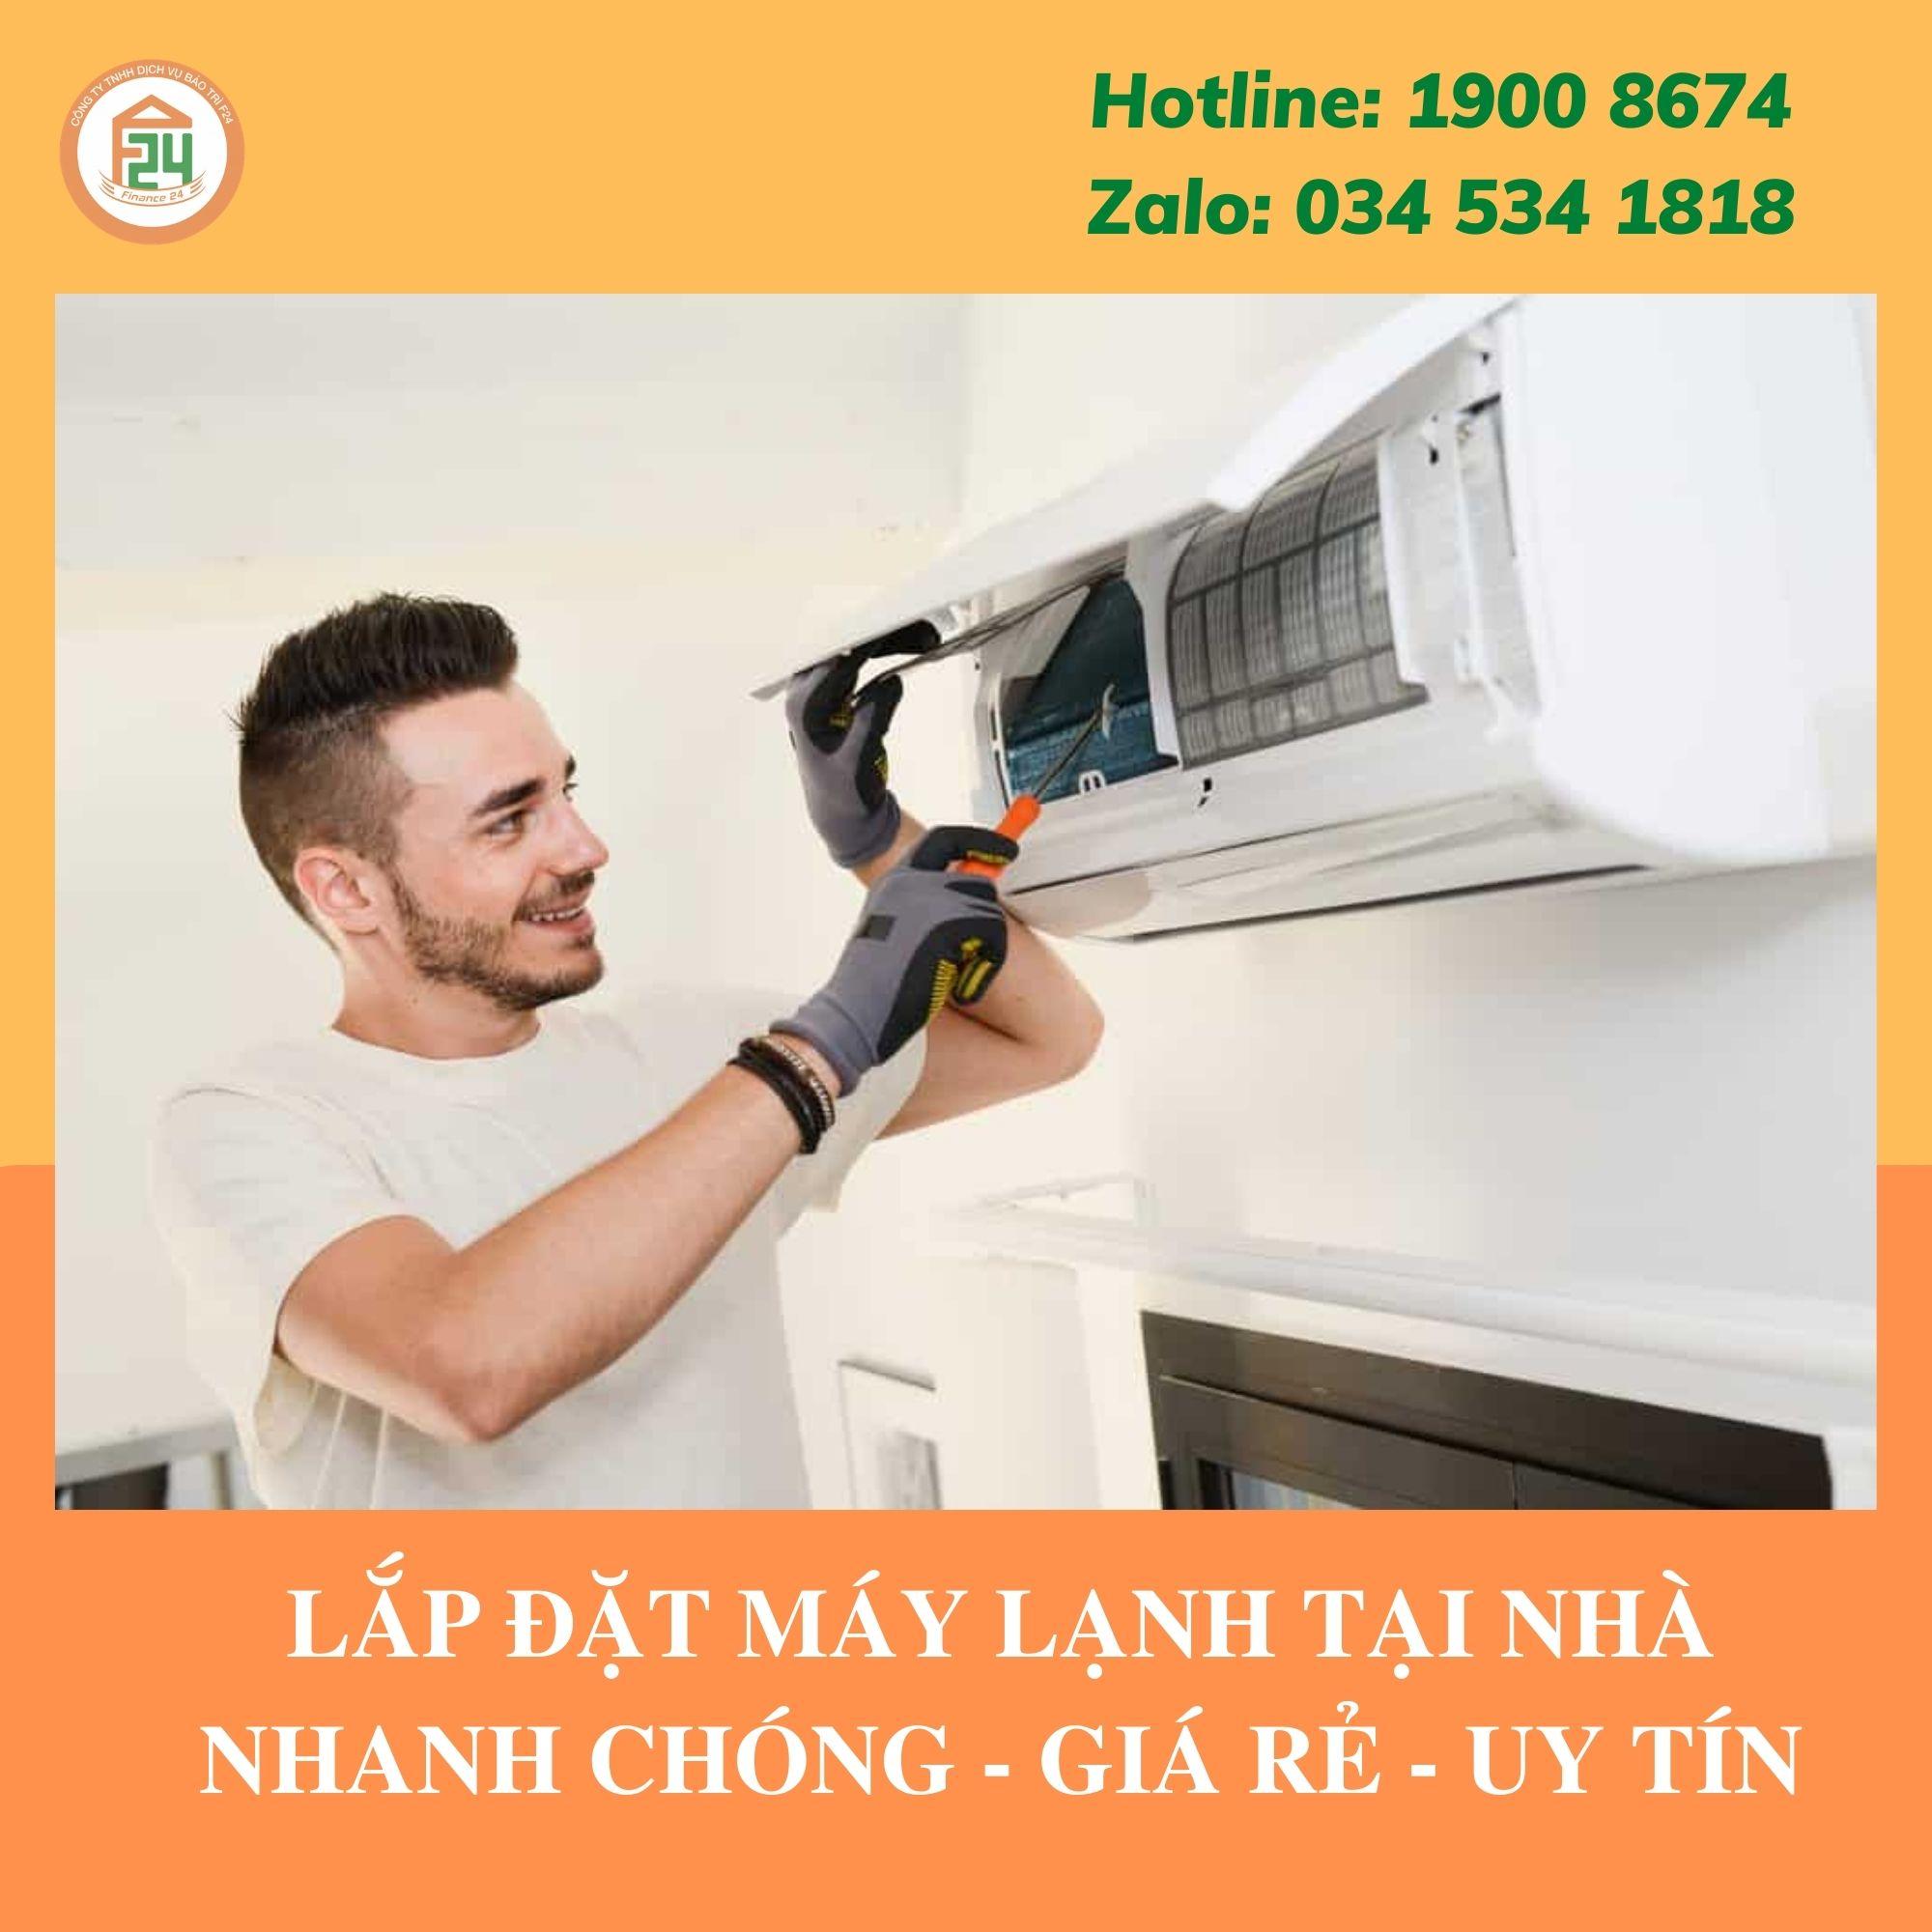 Lắp Đặt Máy Lạnh Giá Rẻ Quận 1 TpHCM   Nhanh Chóng & Chuyên Nghiệp